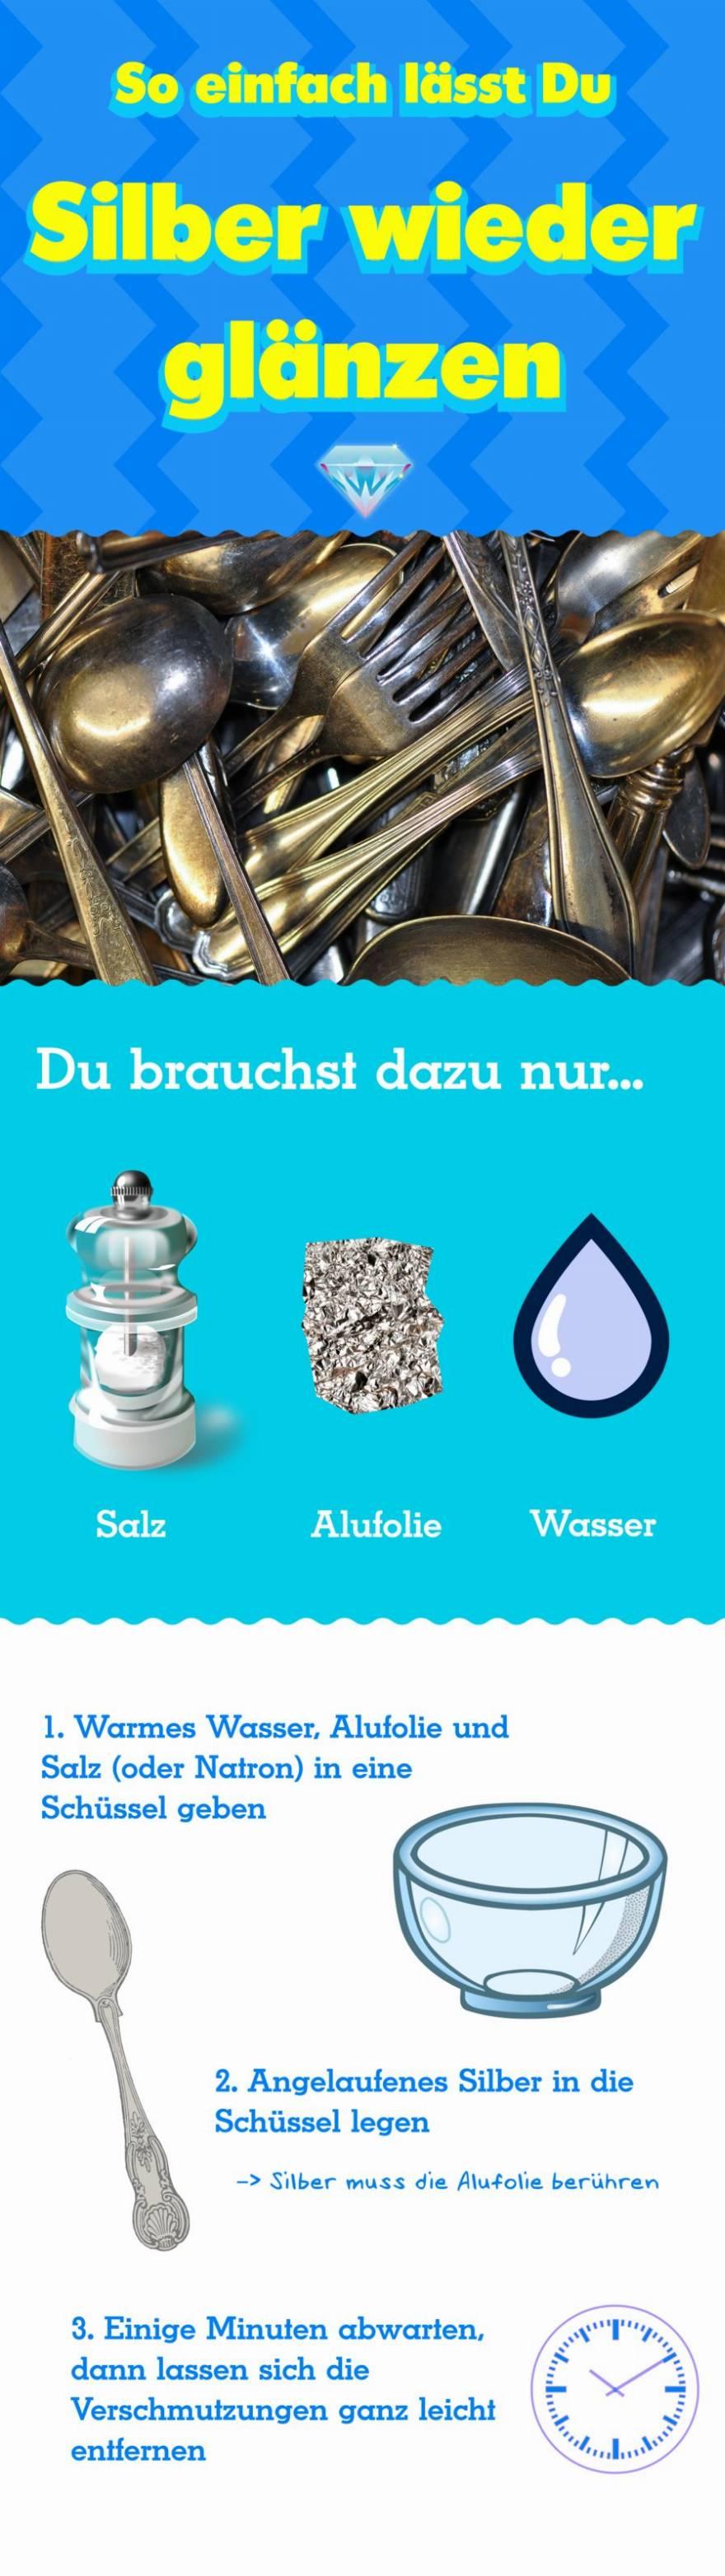 Infografik über die Reinigung von Silber